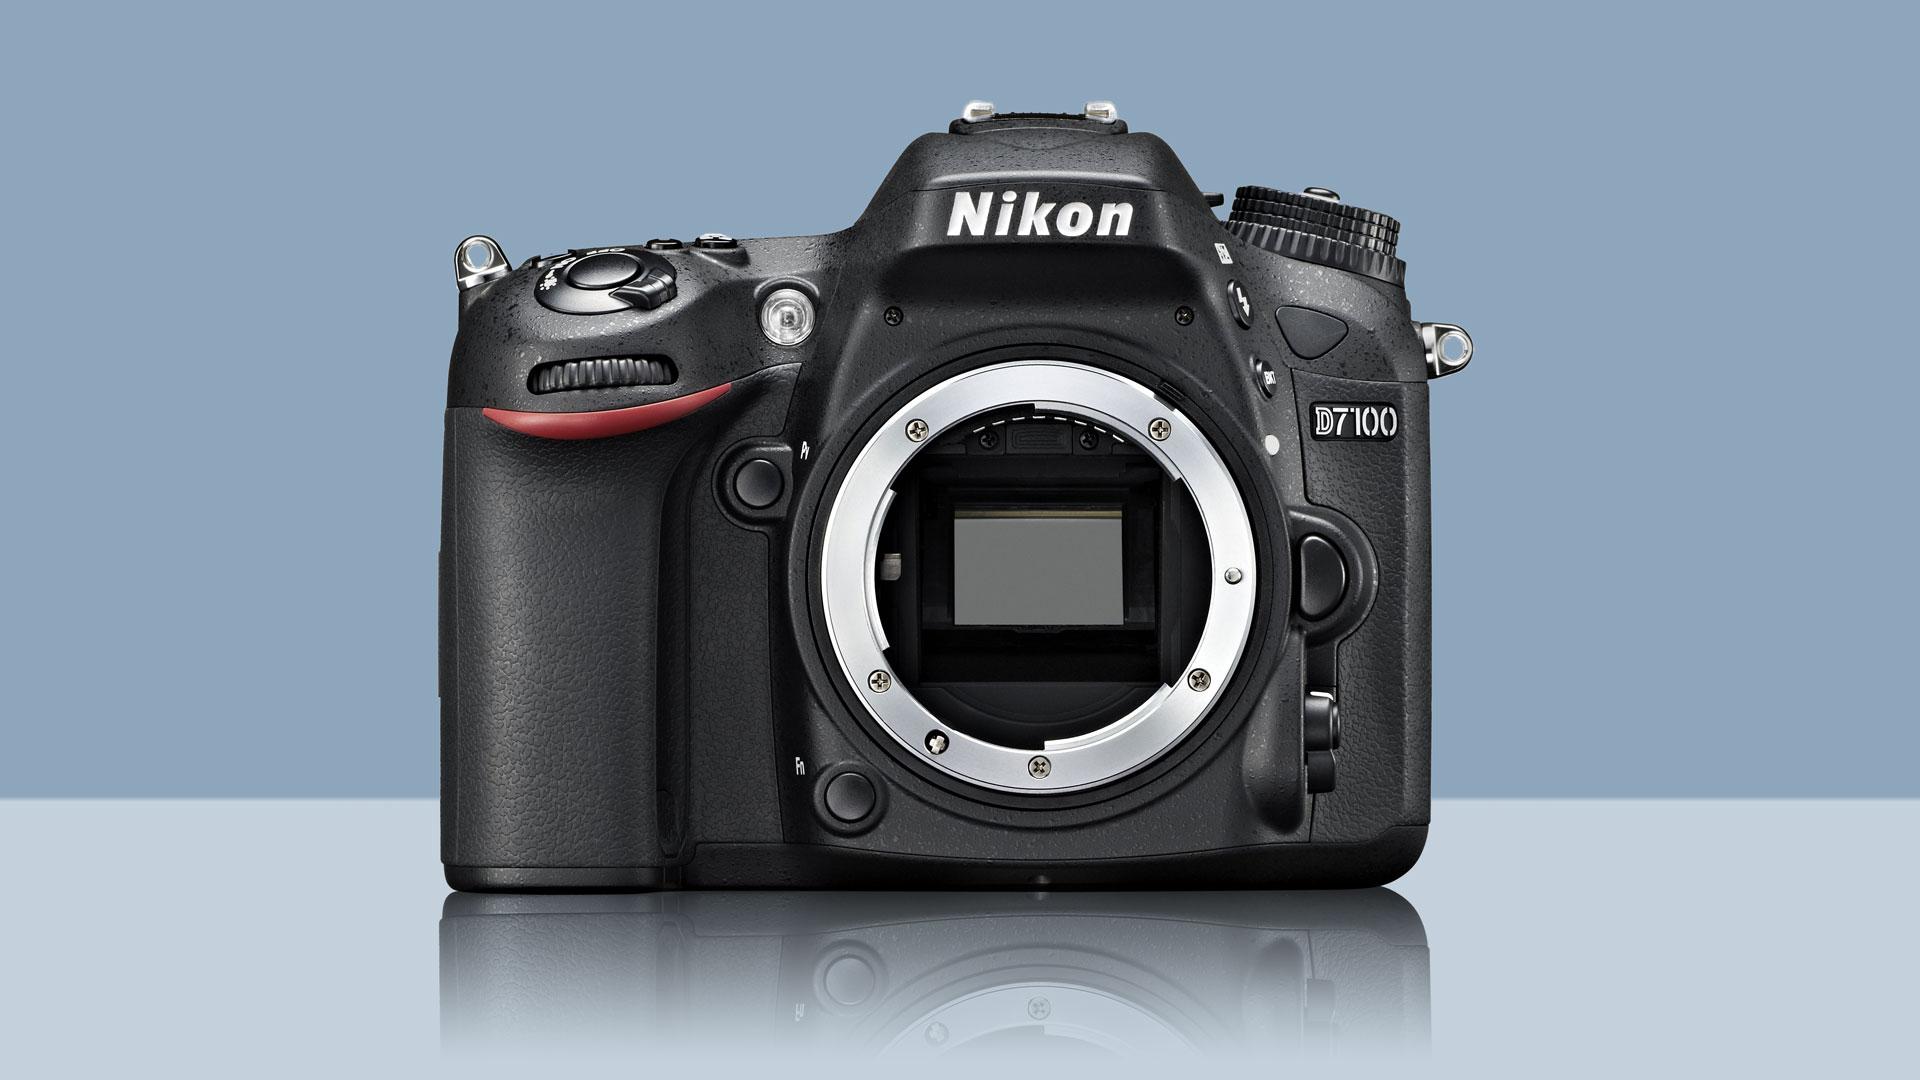 Nikon D7100 | TechRadar